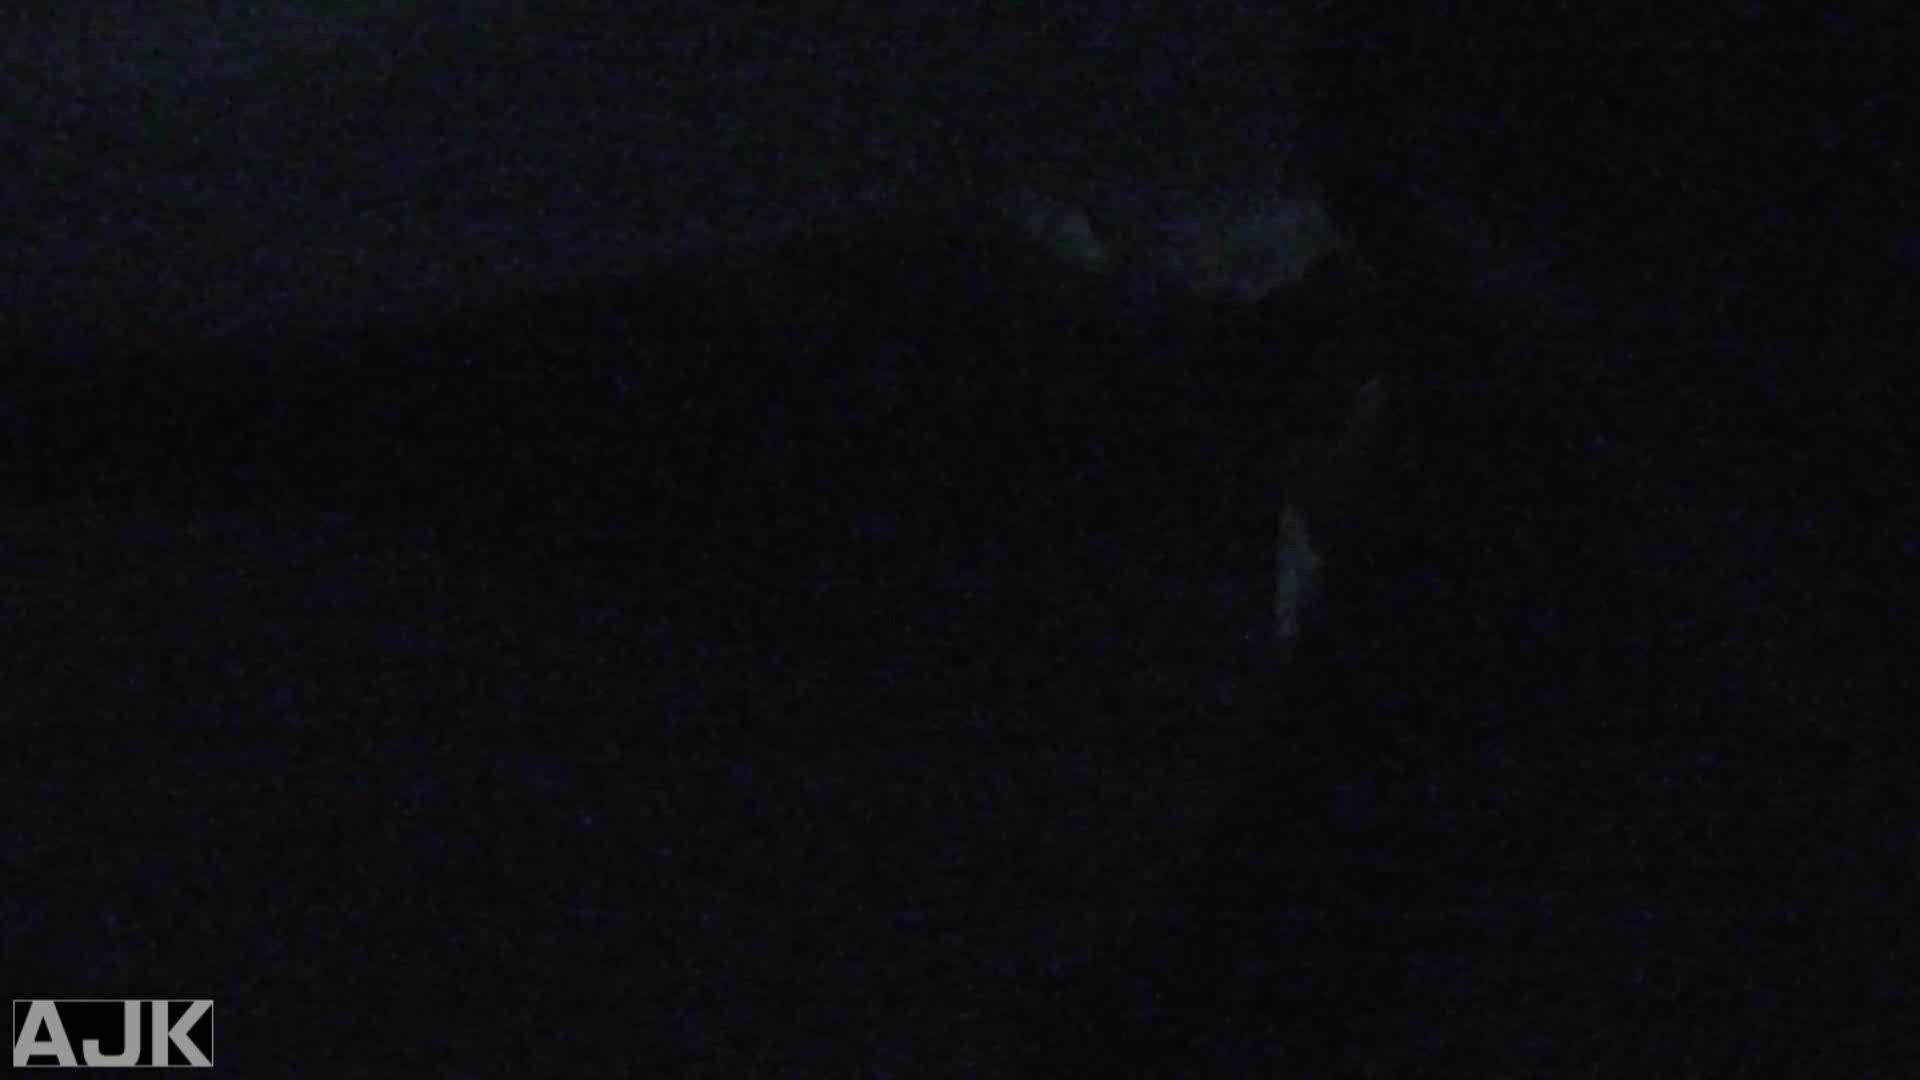 神降臨!史上最強の潜入かわや! vol.05 肛門流出 おまんこ無修正動画無料 92連発 48